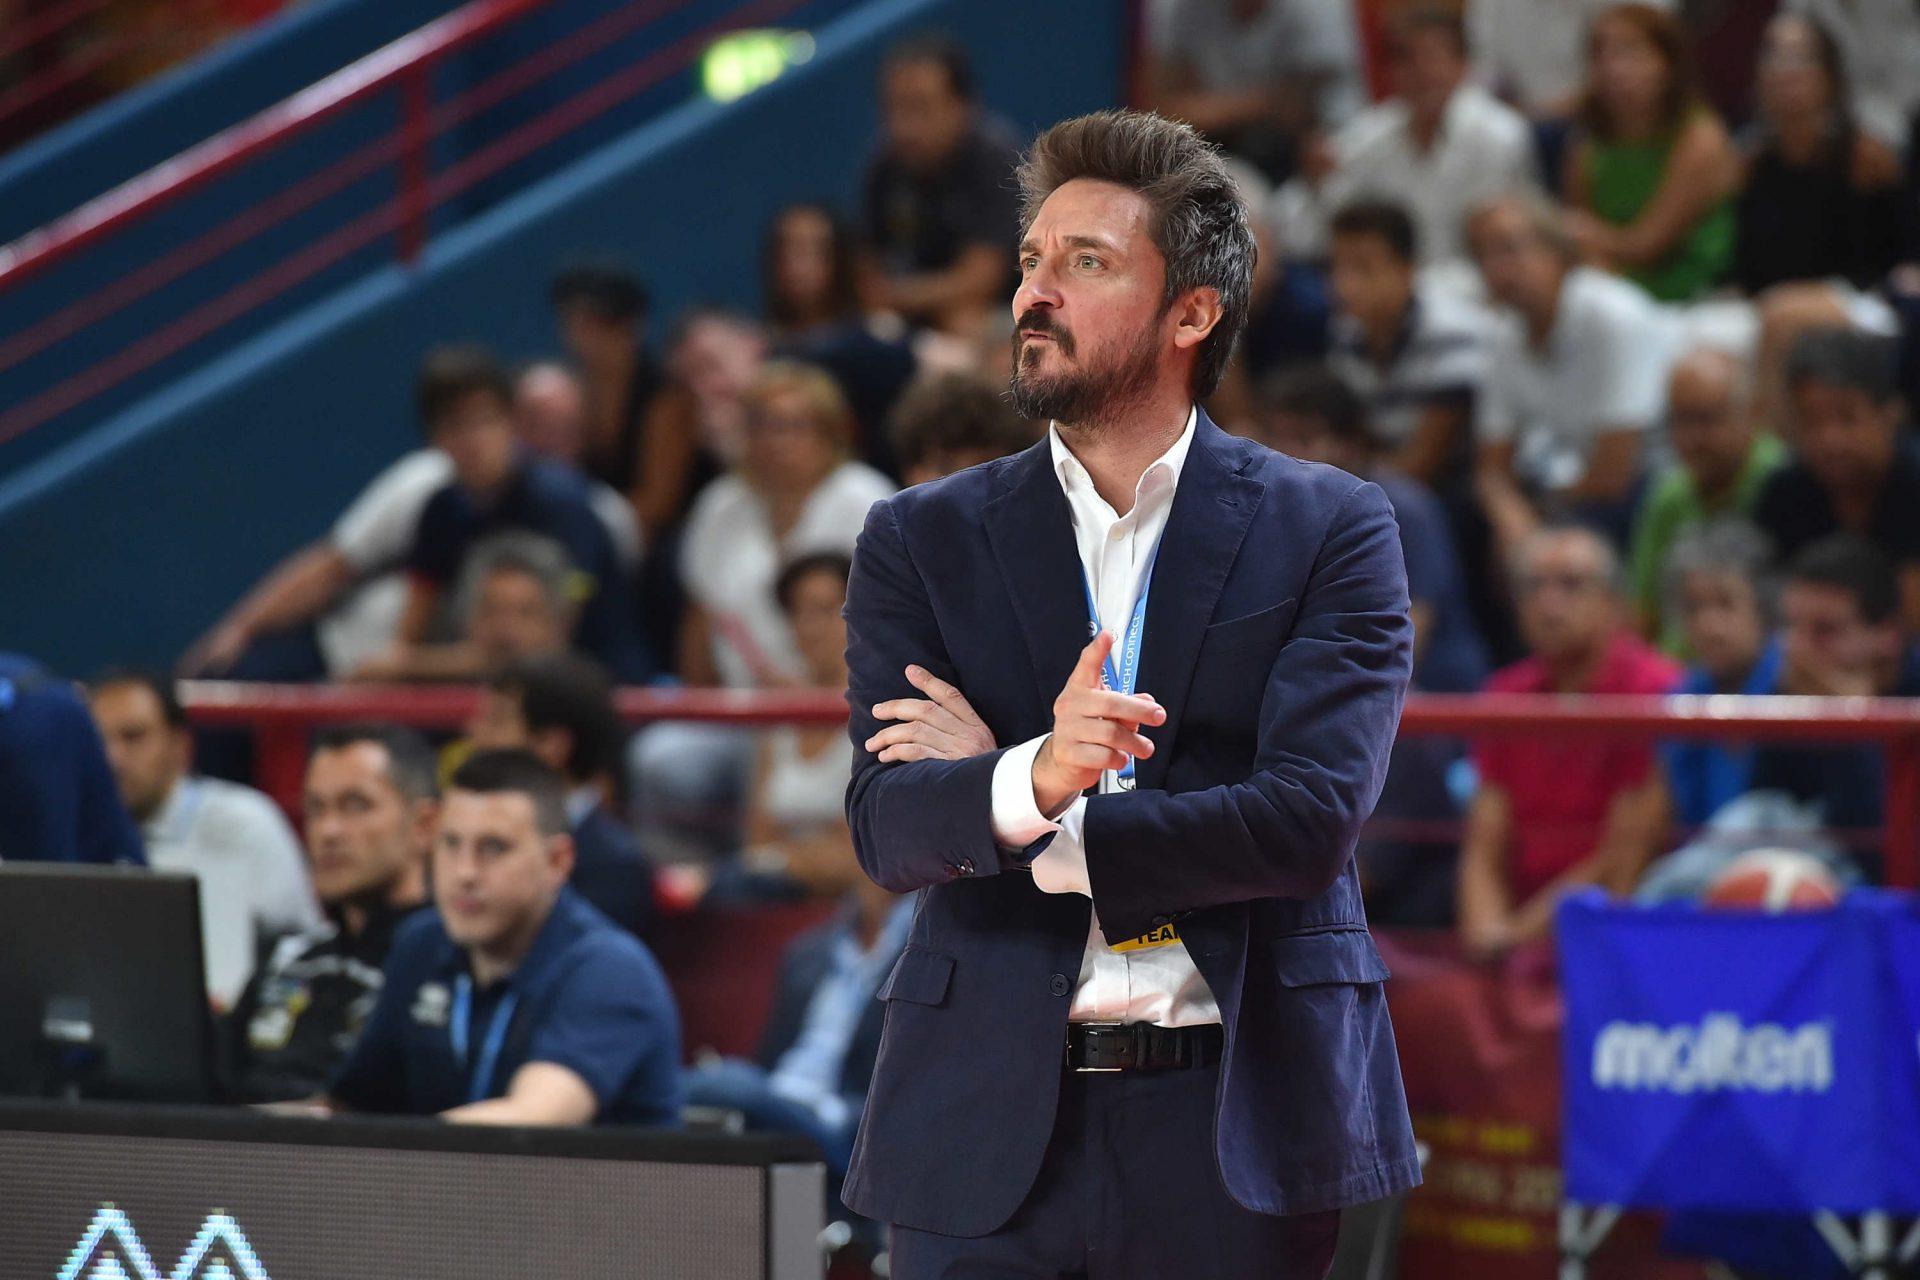 Annuntio vobis gaudium magnum: «Gianmarco Pozzecco resta l'allenatore»